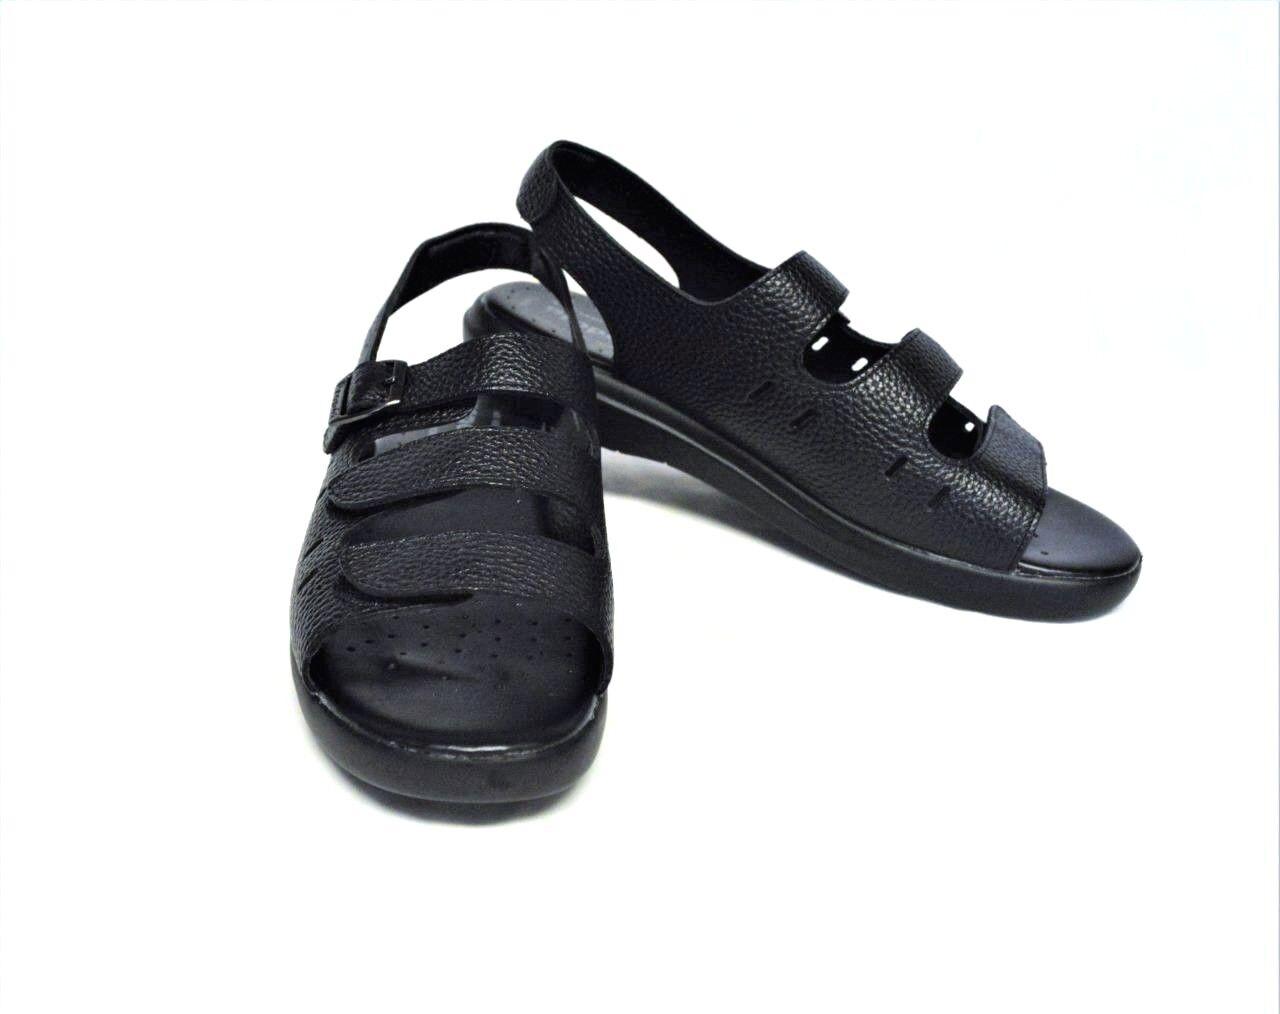 Neuf Propet femmes 7M 37.5 Breeze Walker Sandales Cuir noir Réglable Sangles